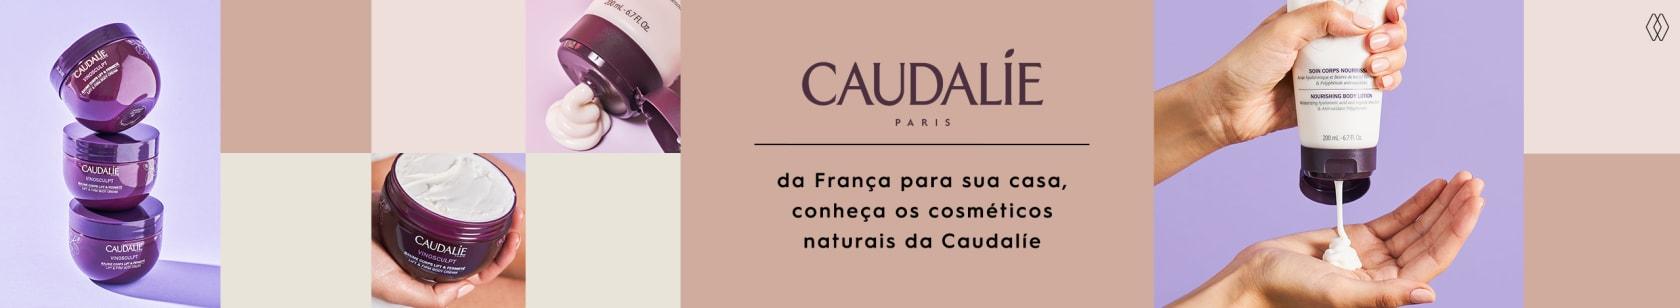 CAUDALIE | AMARO